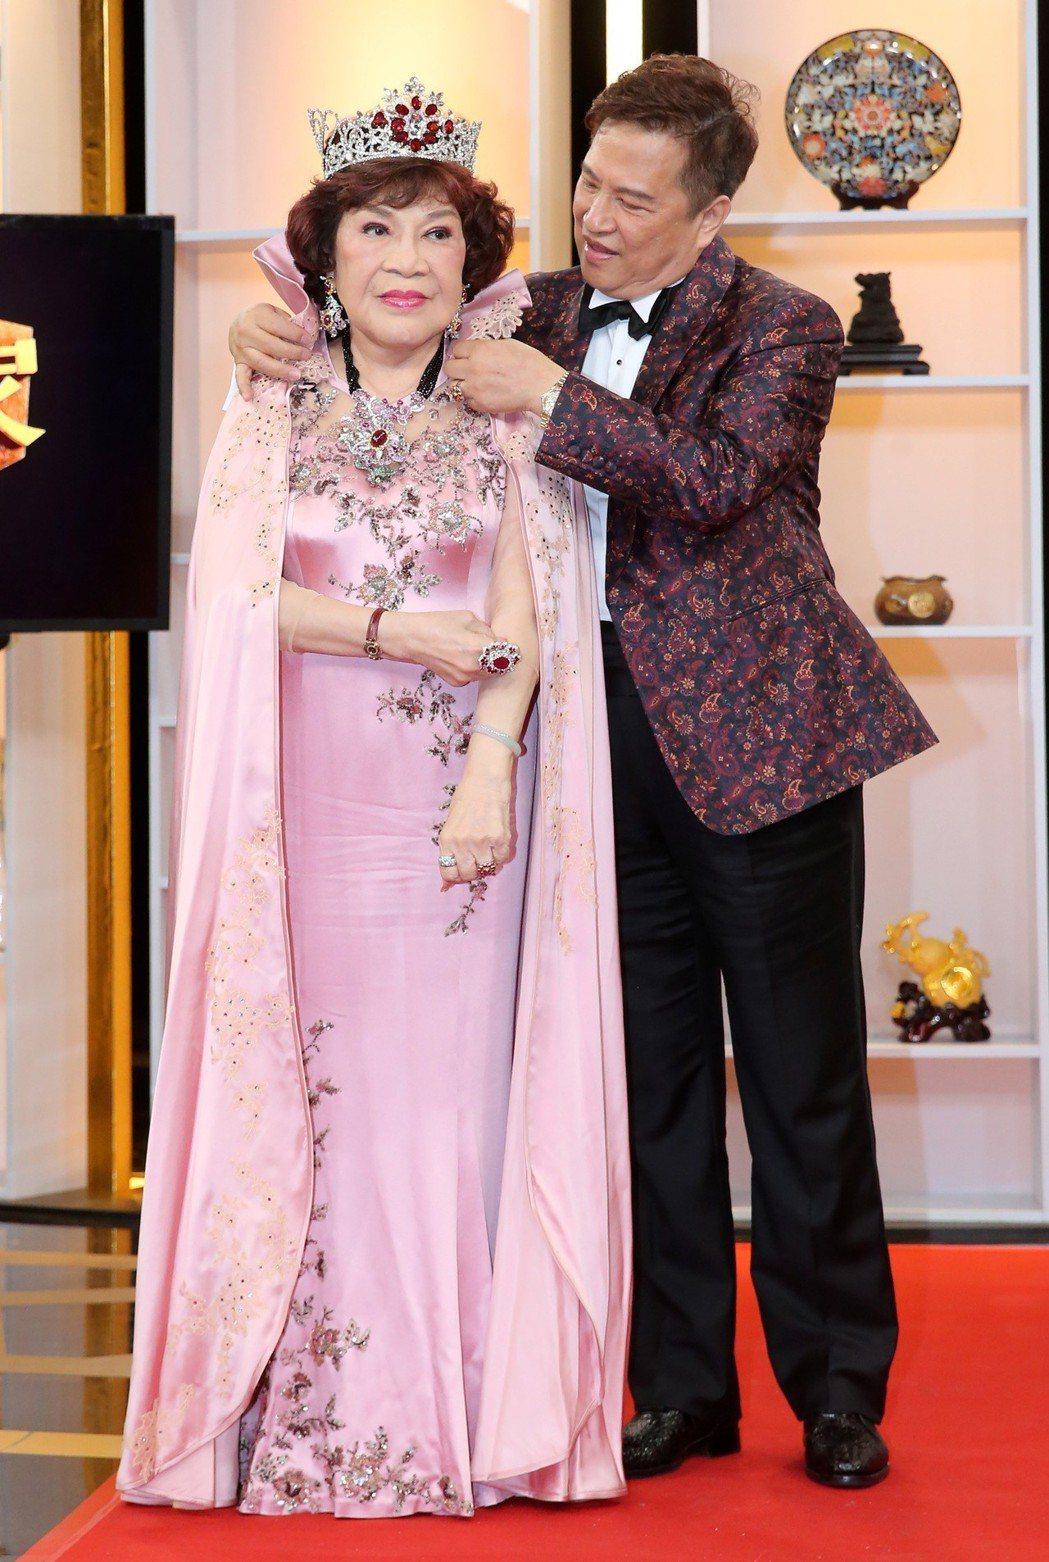 周遊(左)今天與李朝永(右)一起上鑑定節目「大尋寶家」,將紅寶石婚上所用的珠寶交...